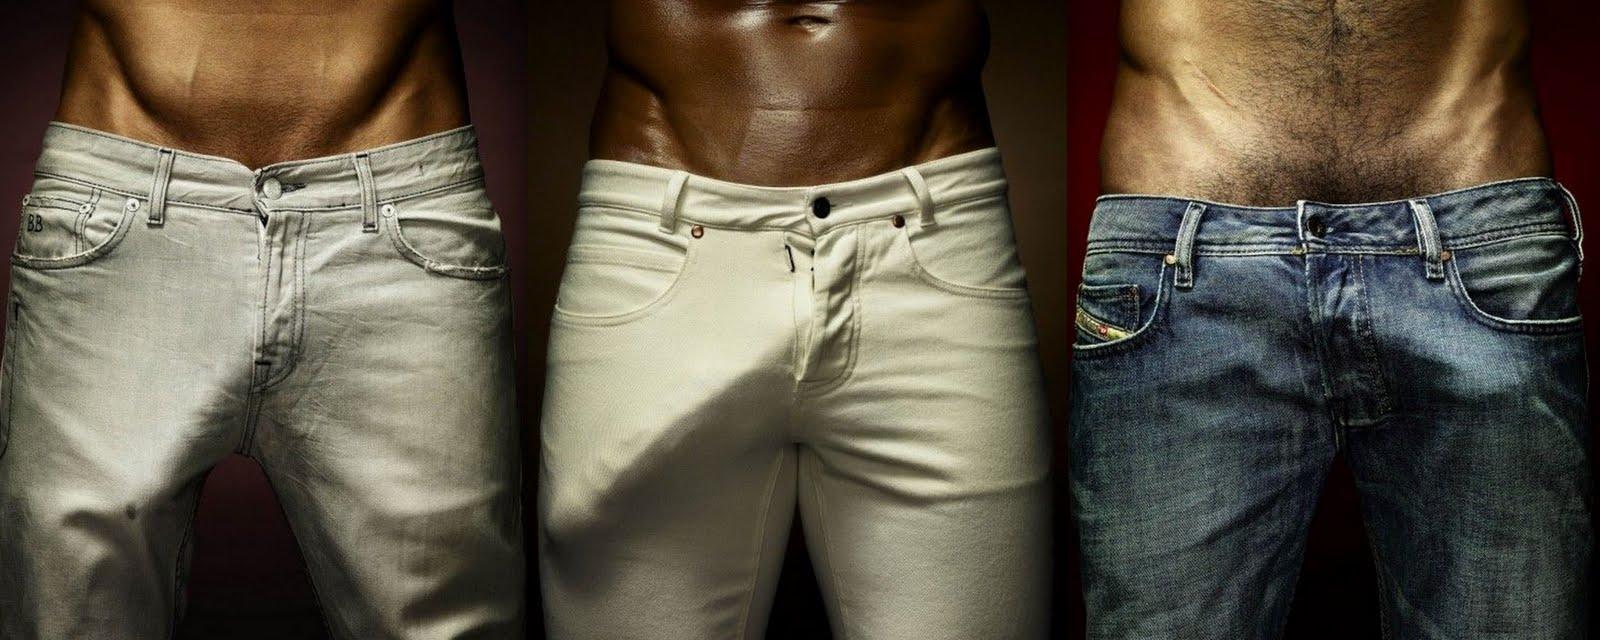 Aumento do pênis – Como aumentar o pênis? Formas naturais para aumento peniano.